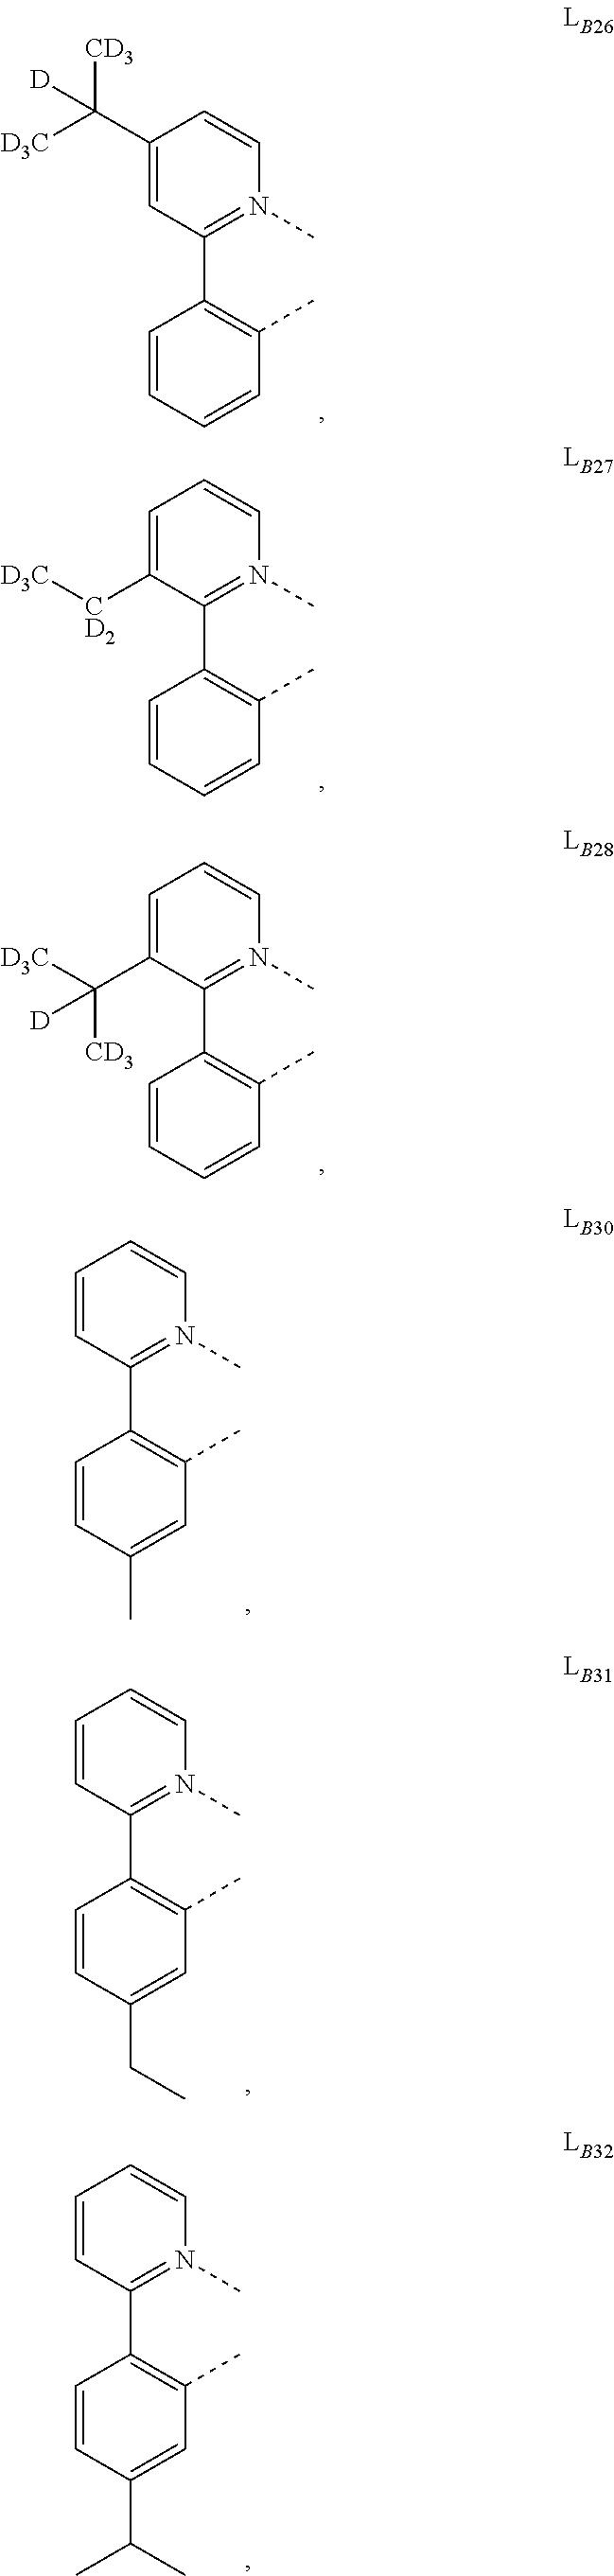 Figure US20160049599A1-20160218-C00119